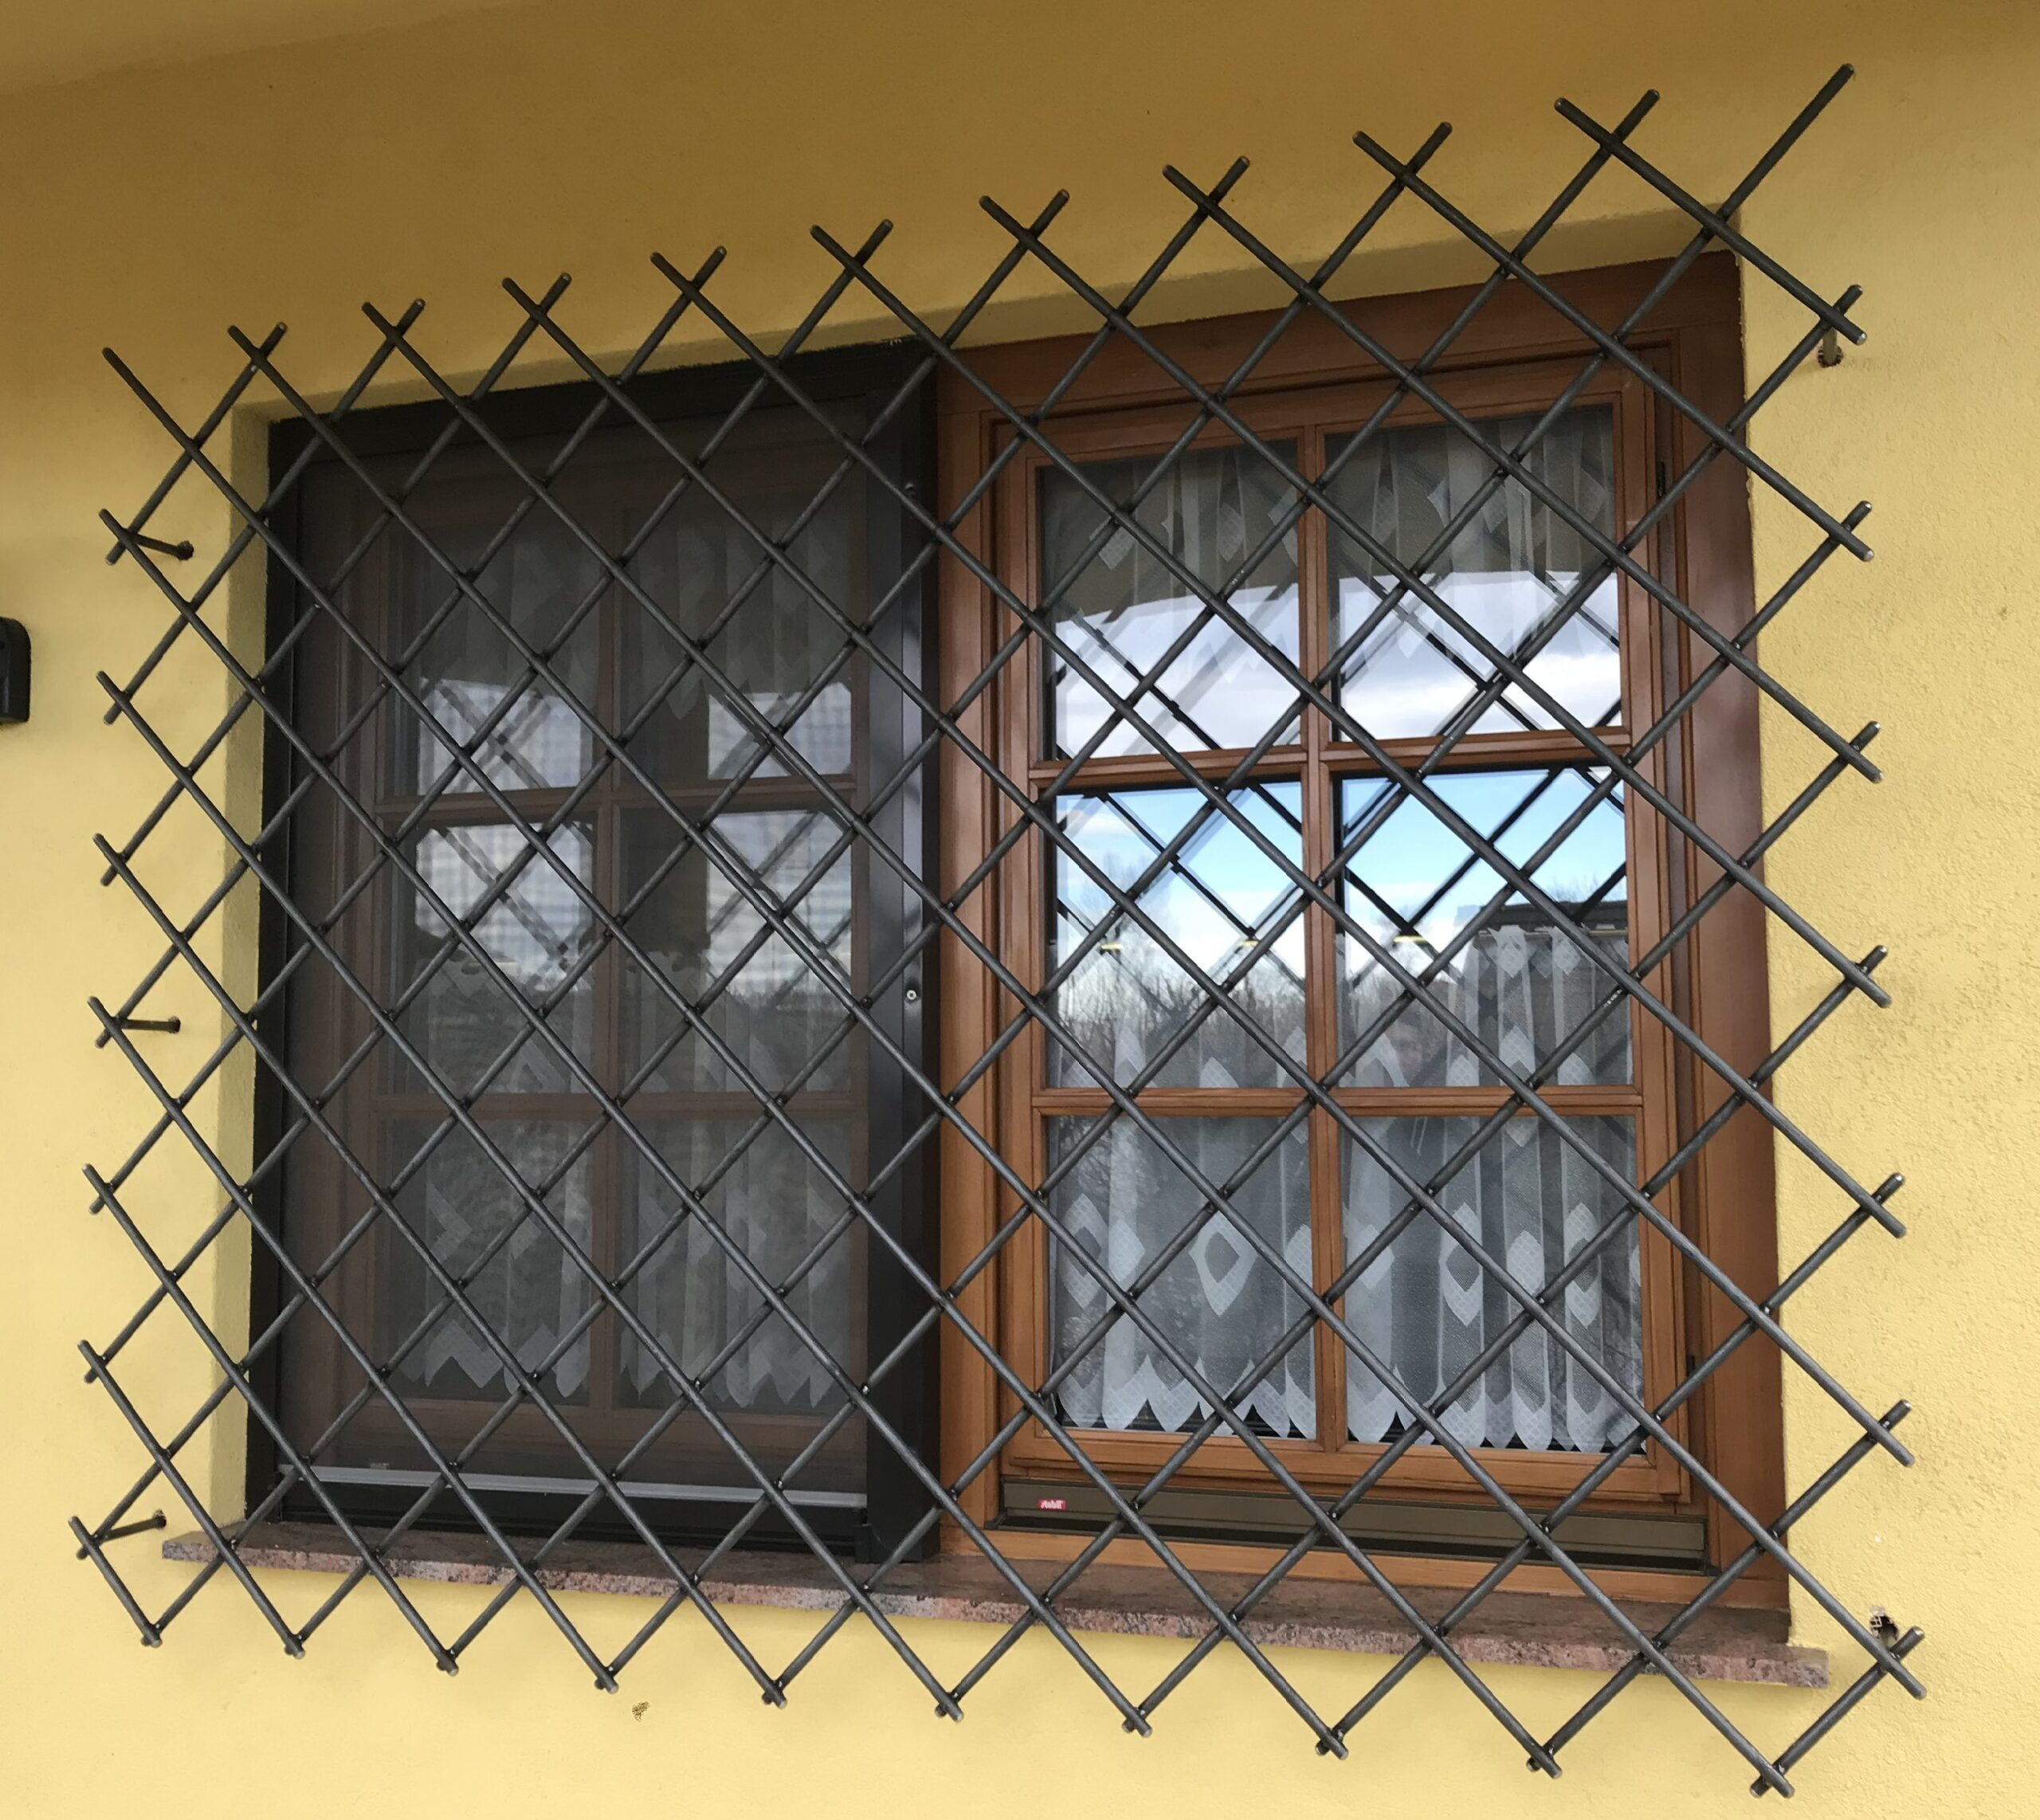 Schlosserei Strodl Fenstergitter aus Stahl